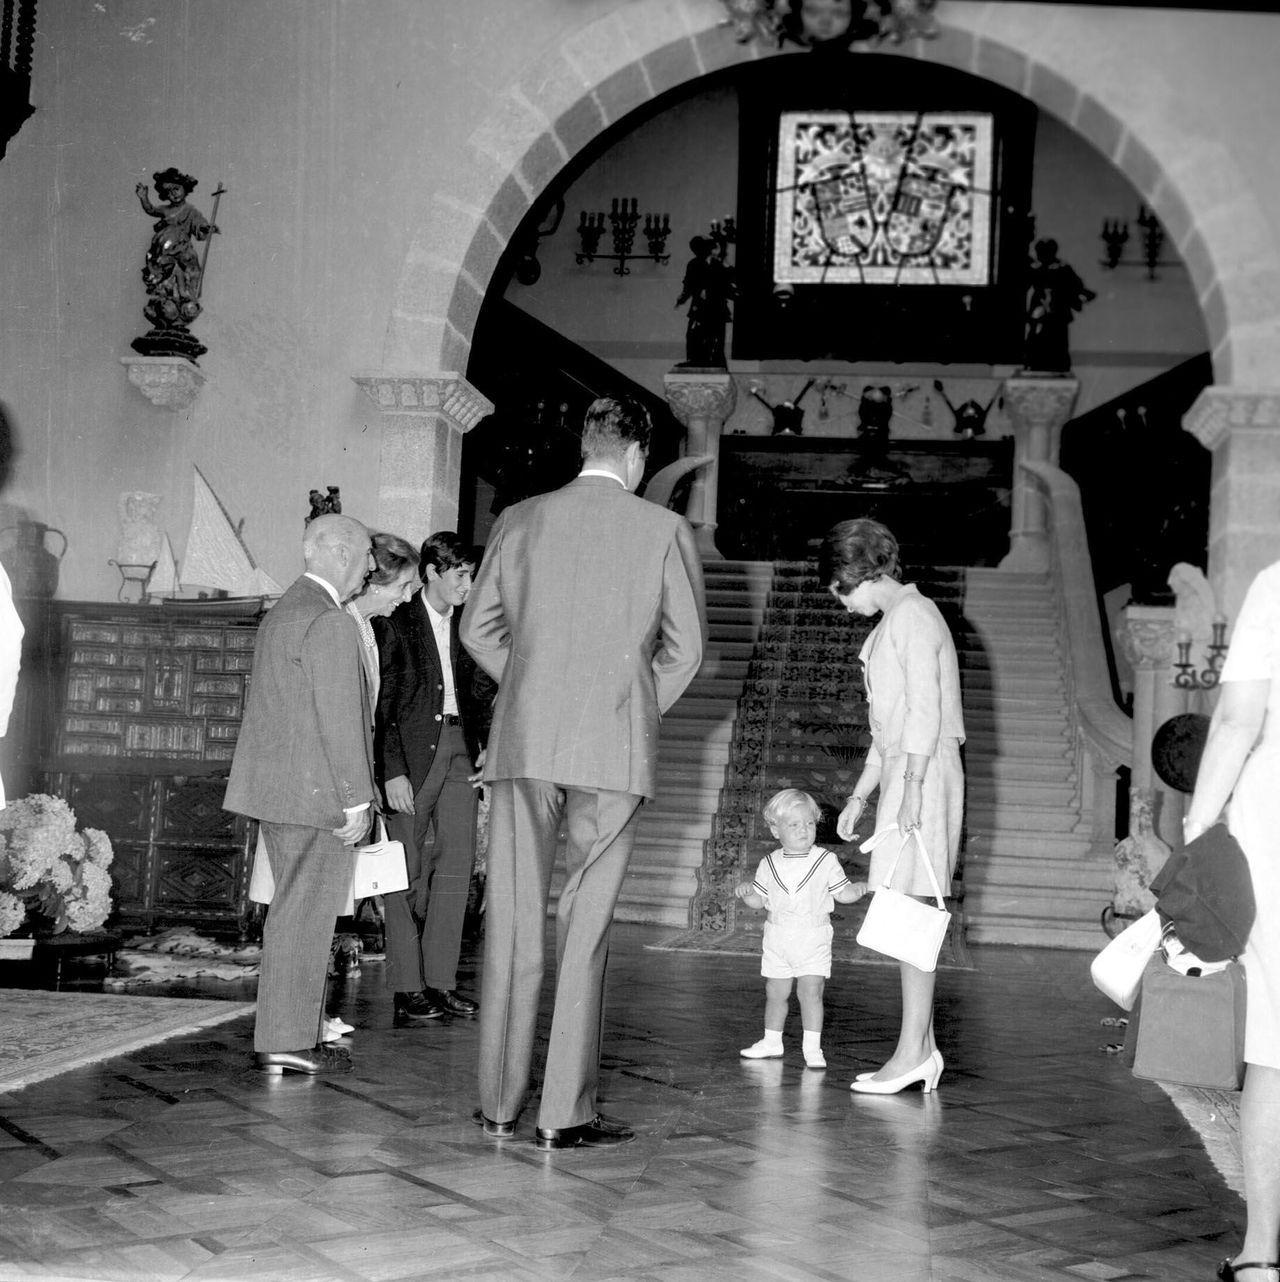 En julio de 1971 los entonces príncipes Juan Carlos de Borbón y Sofía de Grecia, acompañados por su hijo Felipe, actual rey, fueron recibidos en Meirás por el generalísimo y por su mujer, Carmen Polo. En la fotografia, tomada en el vestíbulo, aparecen al final del primer tramo de la escalera las dos lámparas con figura humana sobre pilastras catalogadas por Patrimonio este noviembre